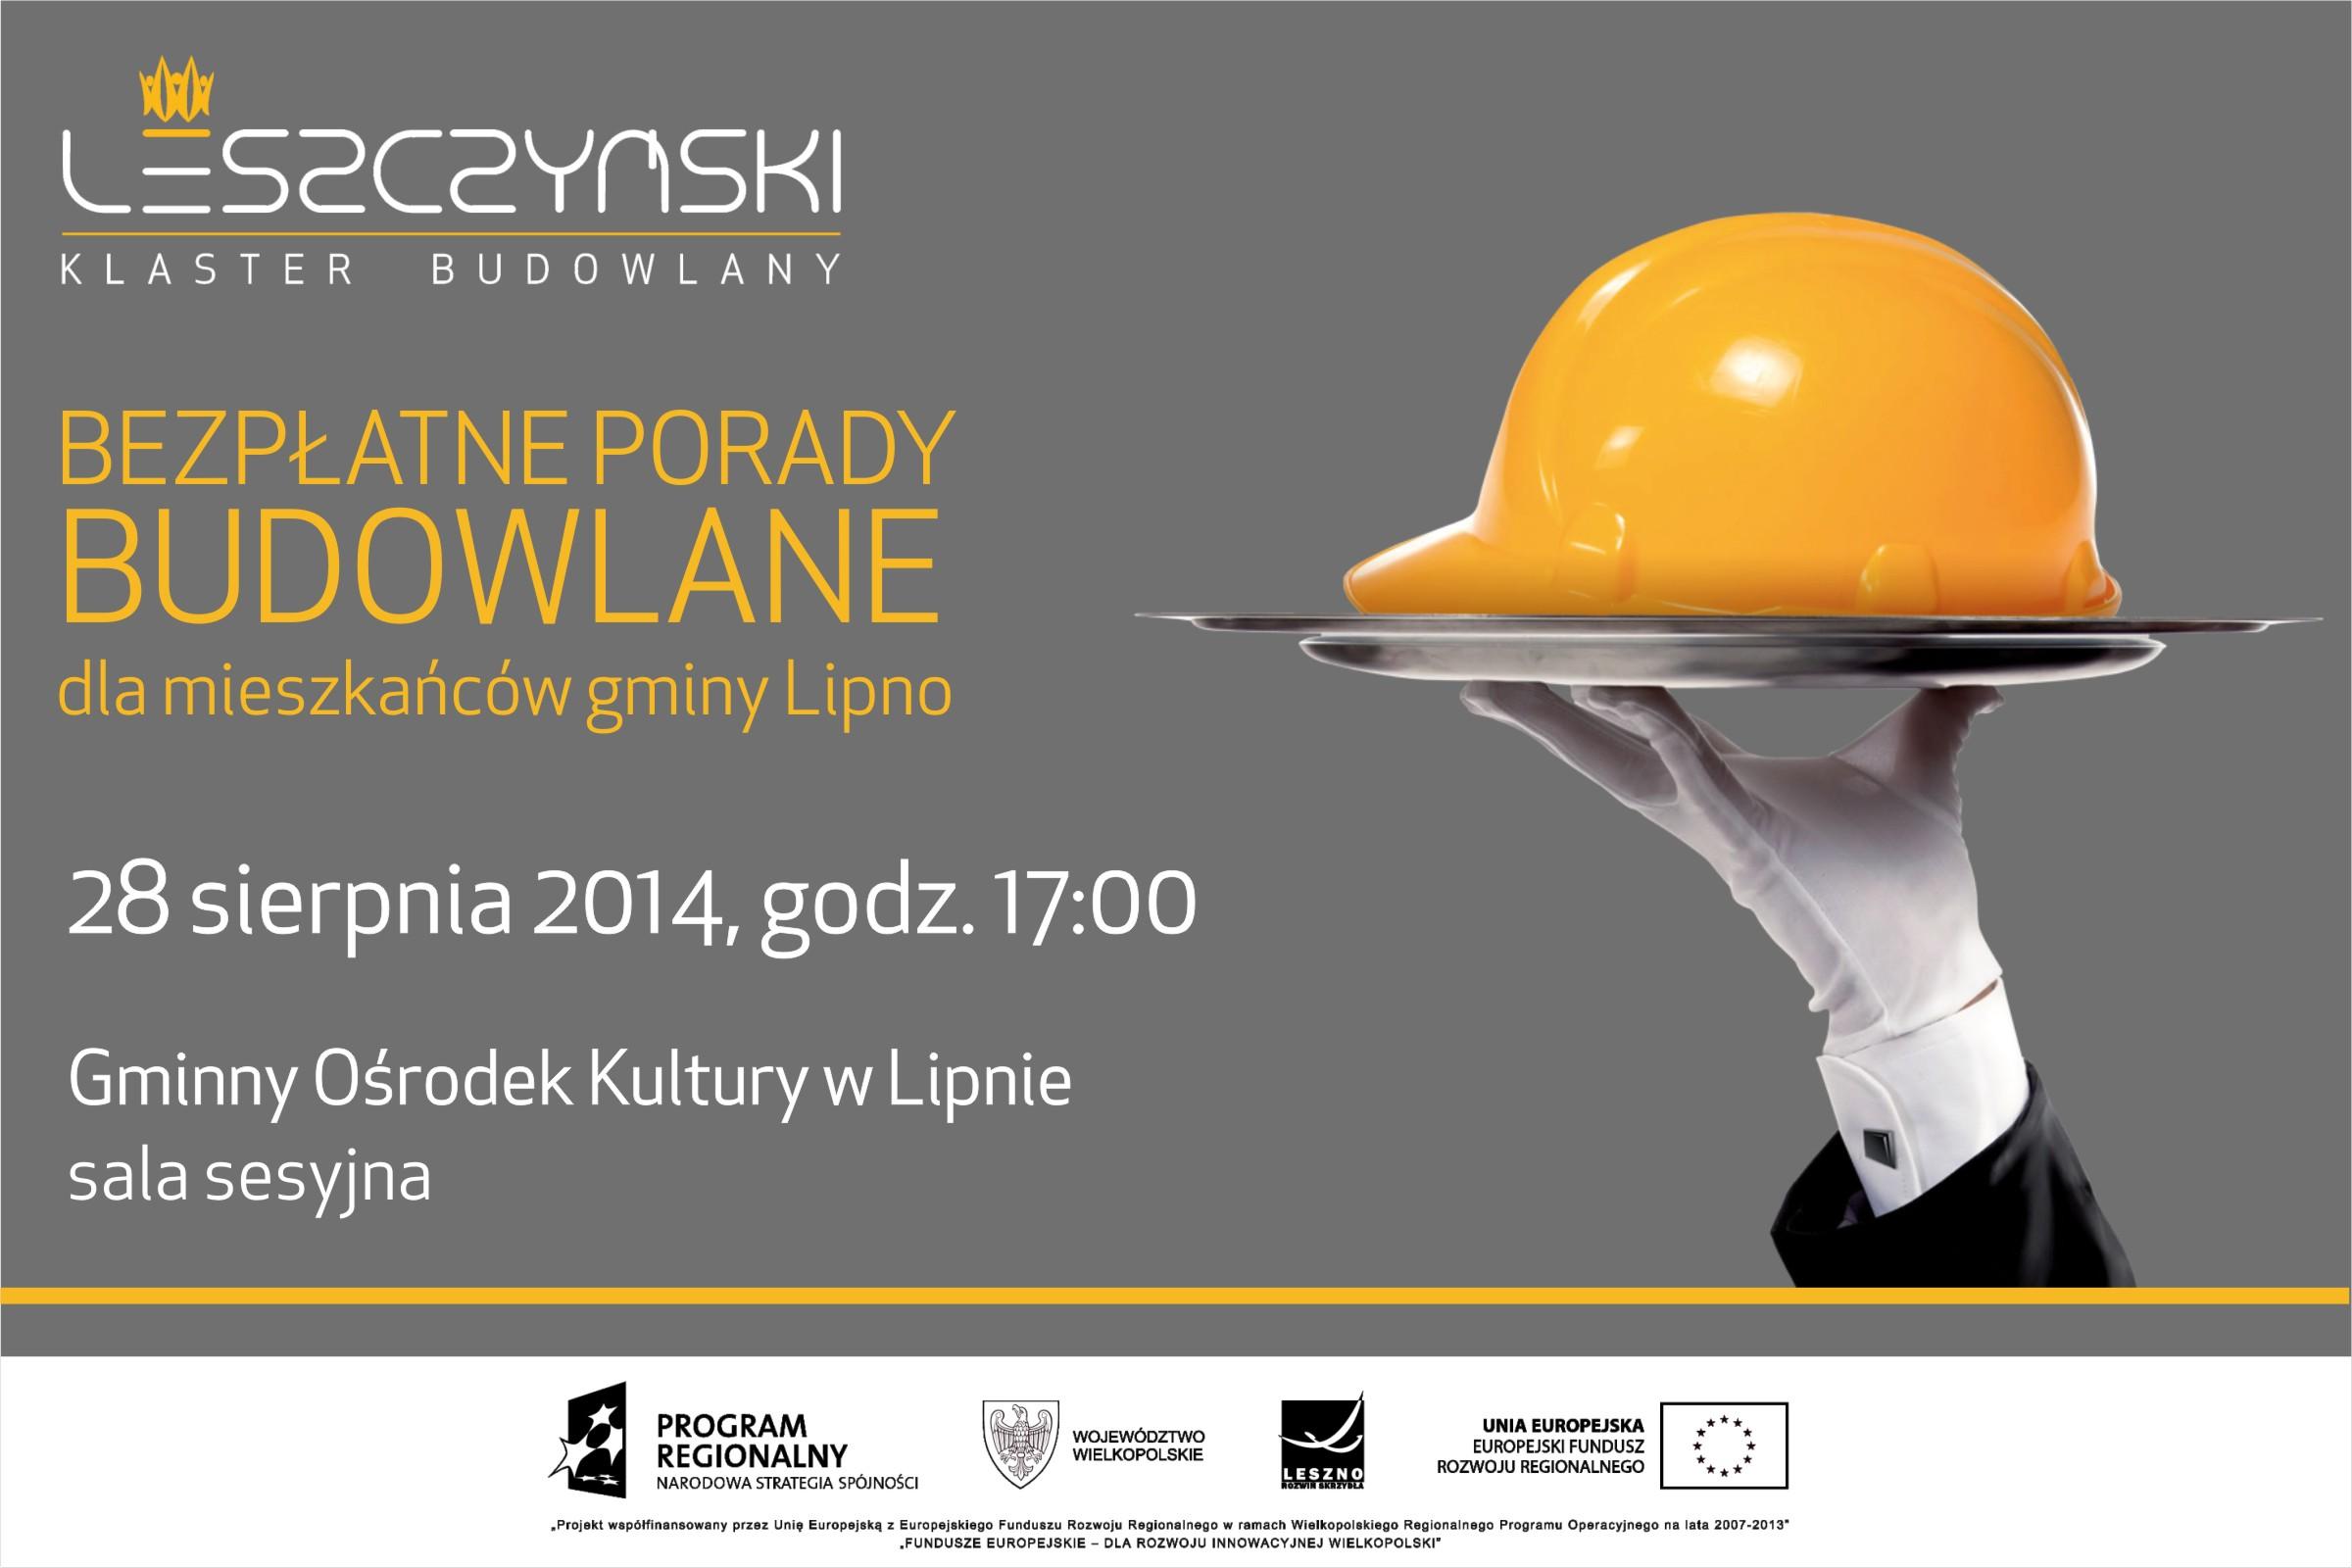 Bezpłatne porady budowlane dla mieszkańców gminy Lipno